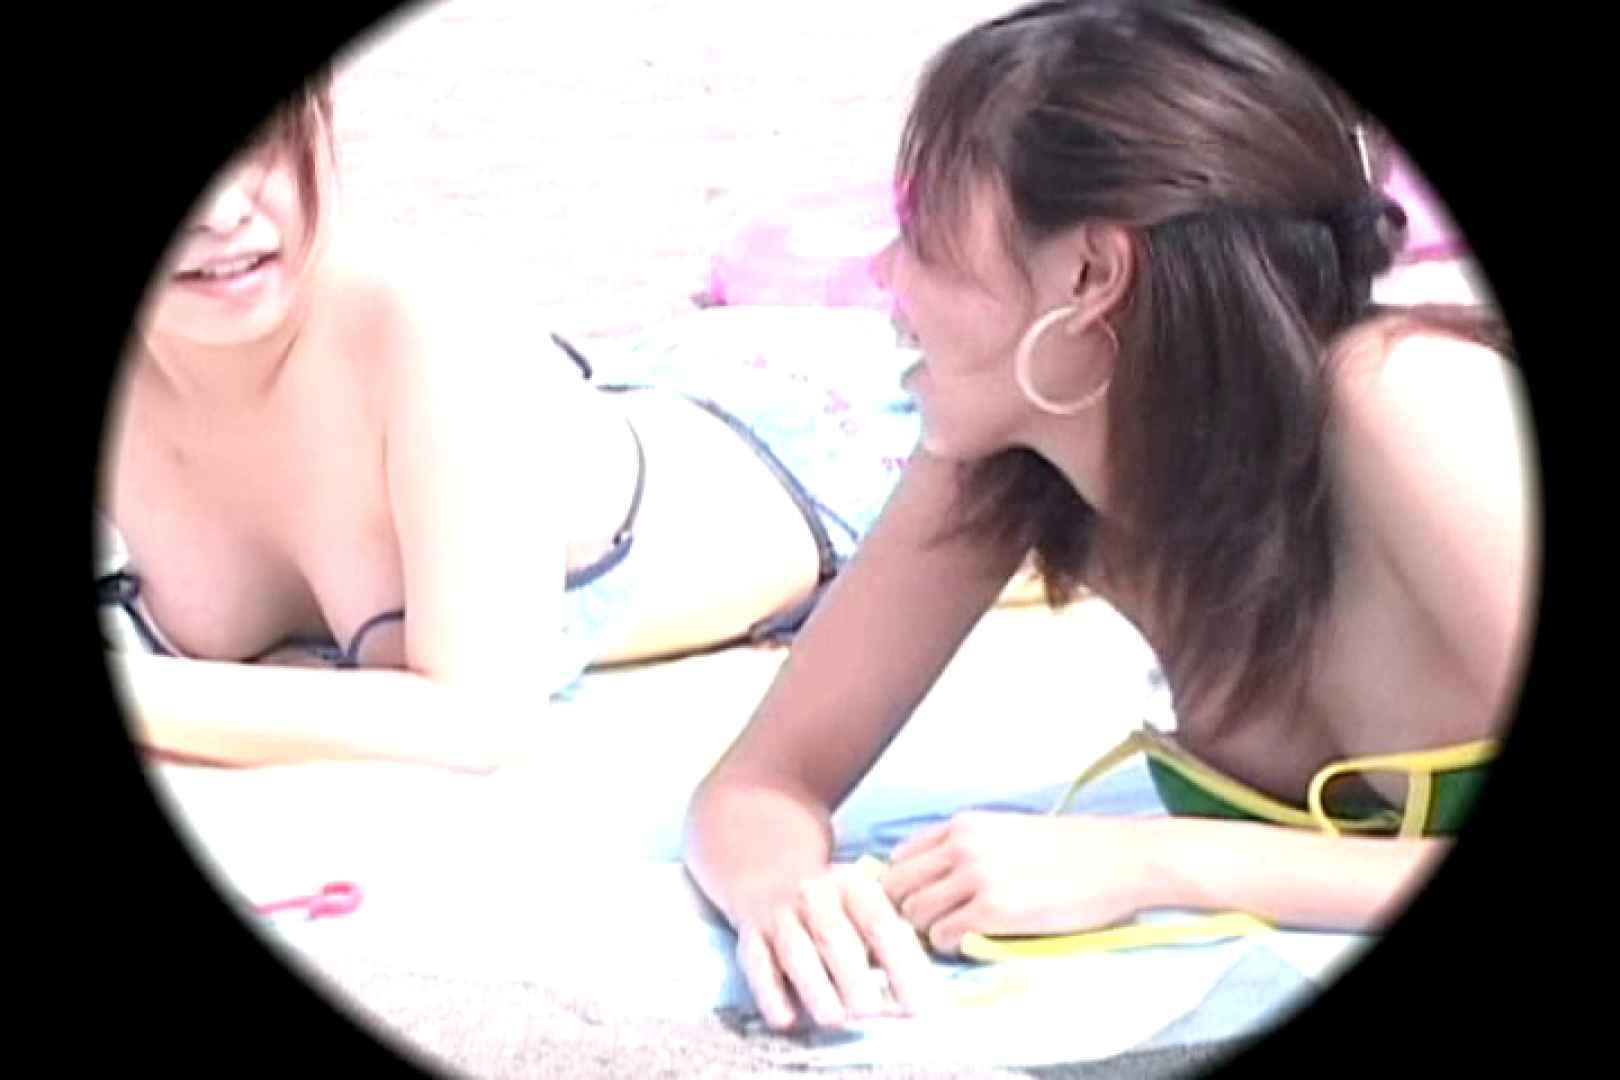 ビーチで発見!!はしゃぎ過ぎポロリギャルVol.4 日焼け 性交動画流出 102PICs 47